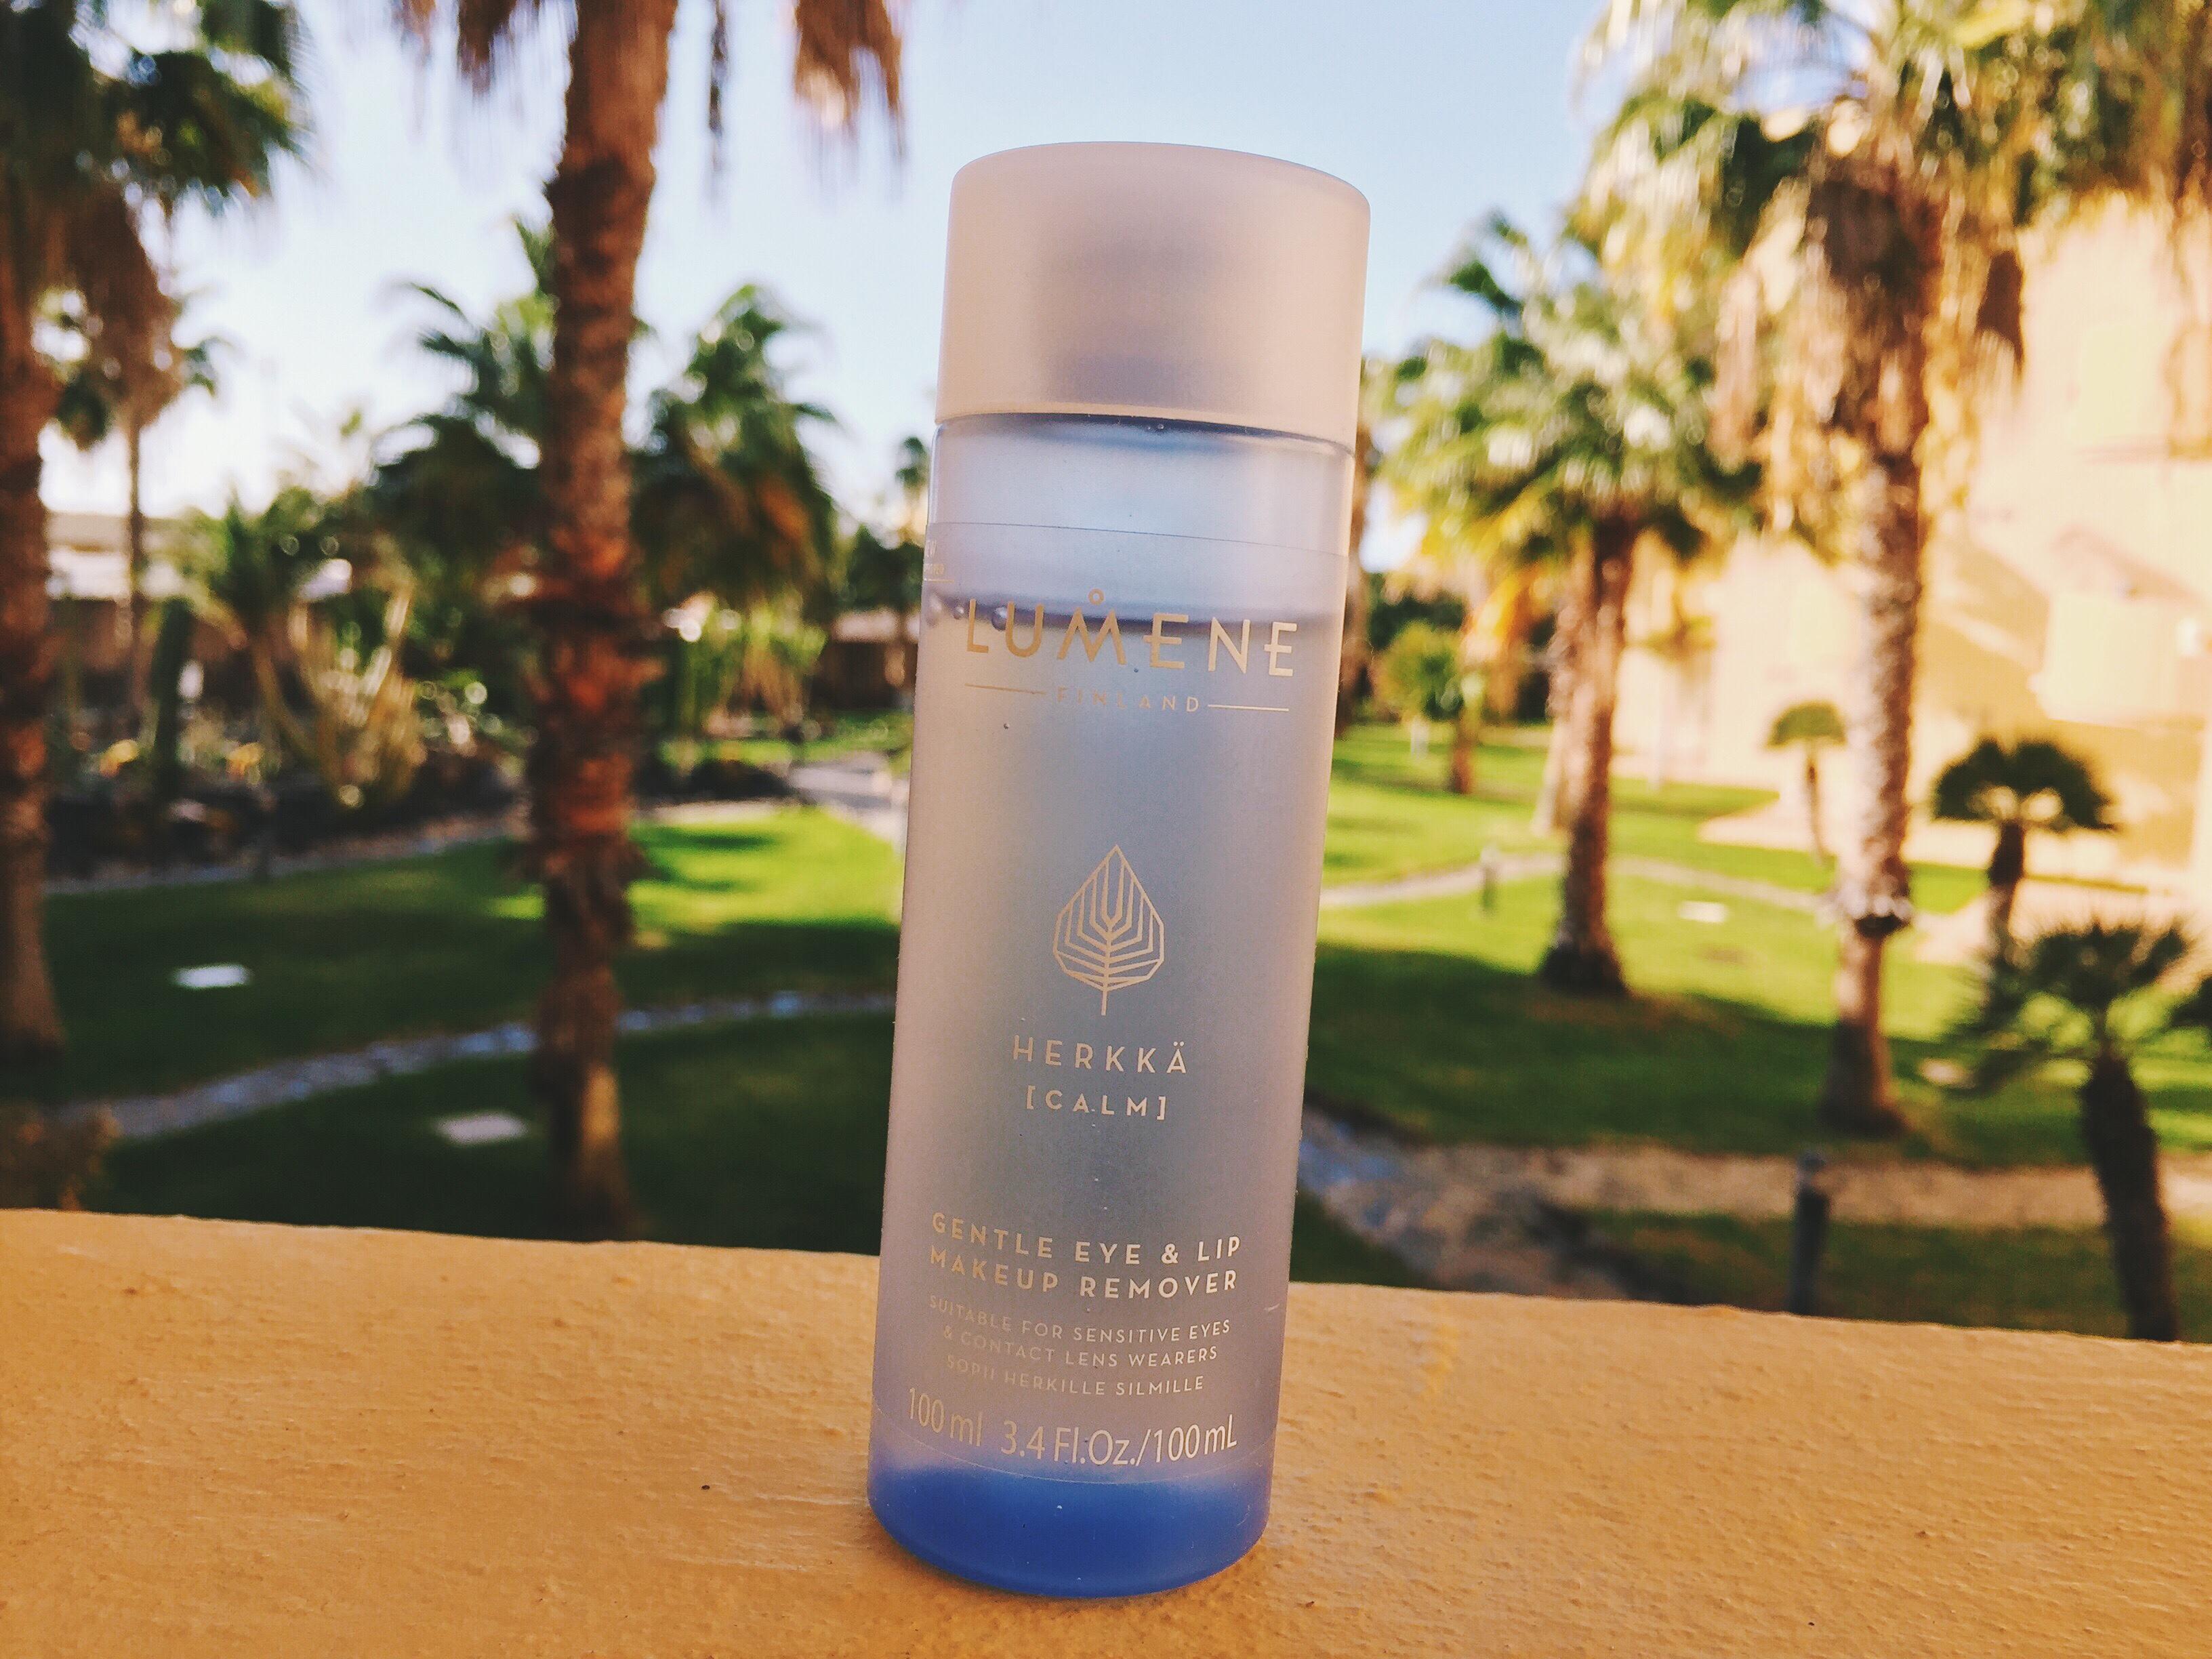 hudvård utomlands solen semester lumene herkkä genle makeup remover